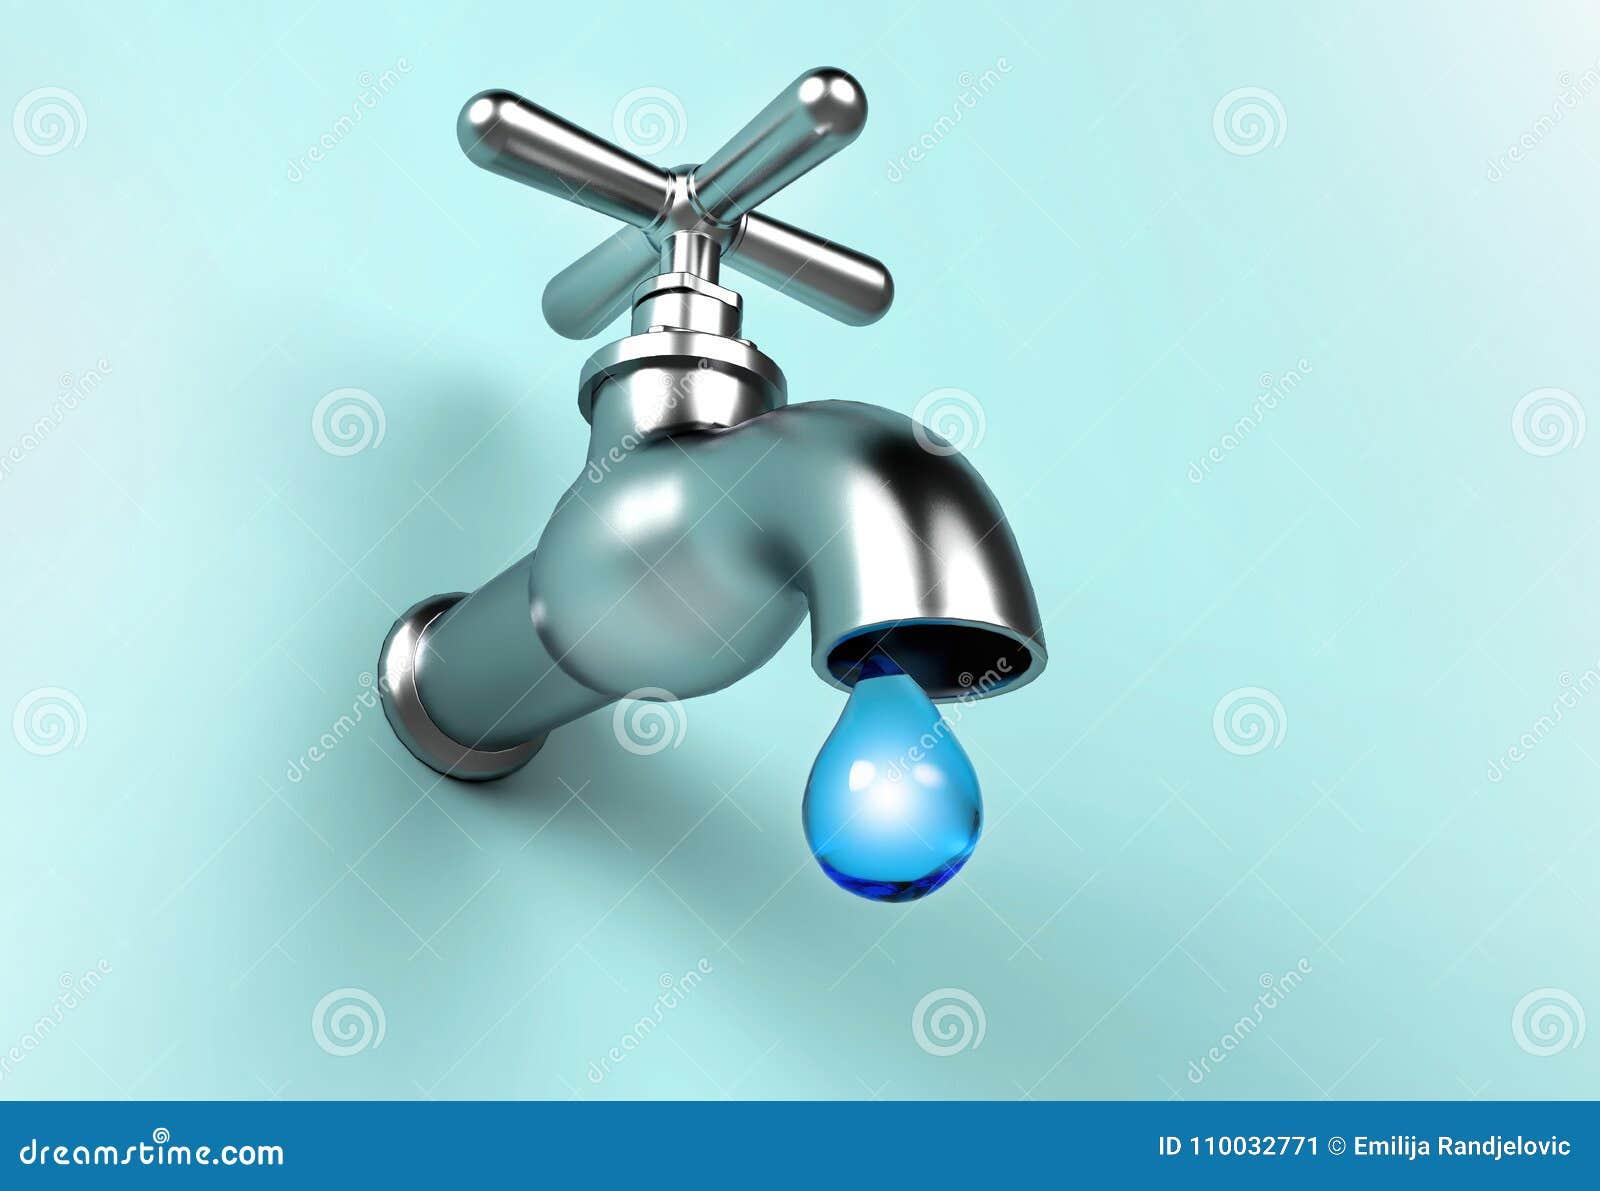 Lekke Tapkraan en daling van water Sparen waterconcept